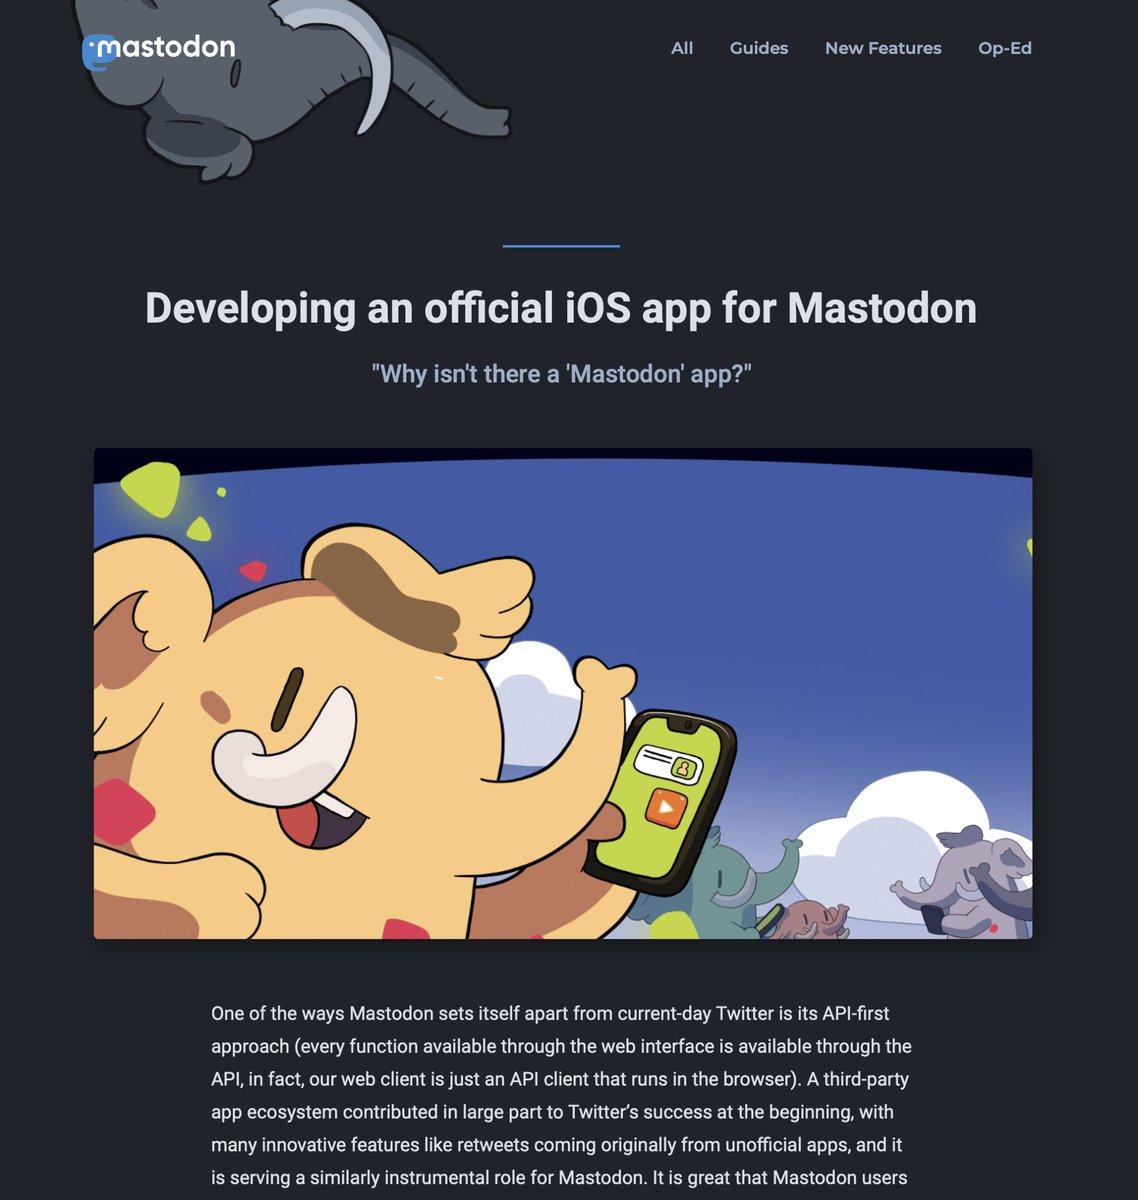 非中央集権SNS「マストドン」初の公式iOSアプリ、今夏リリースへ